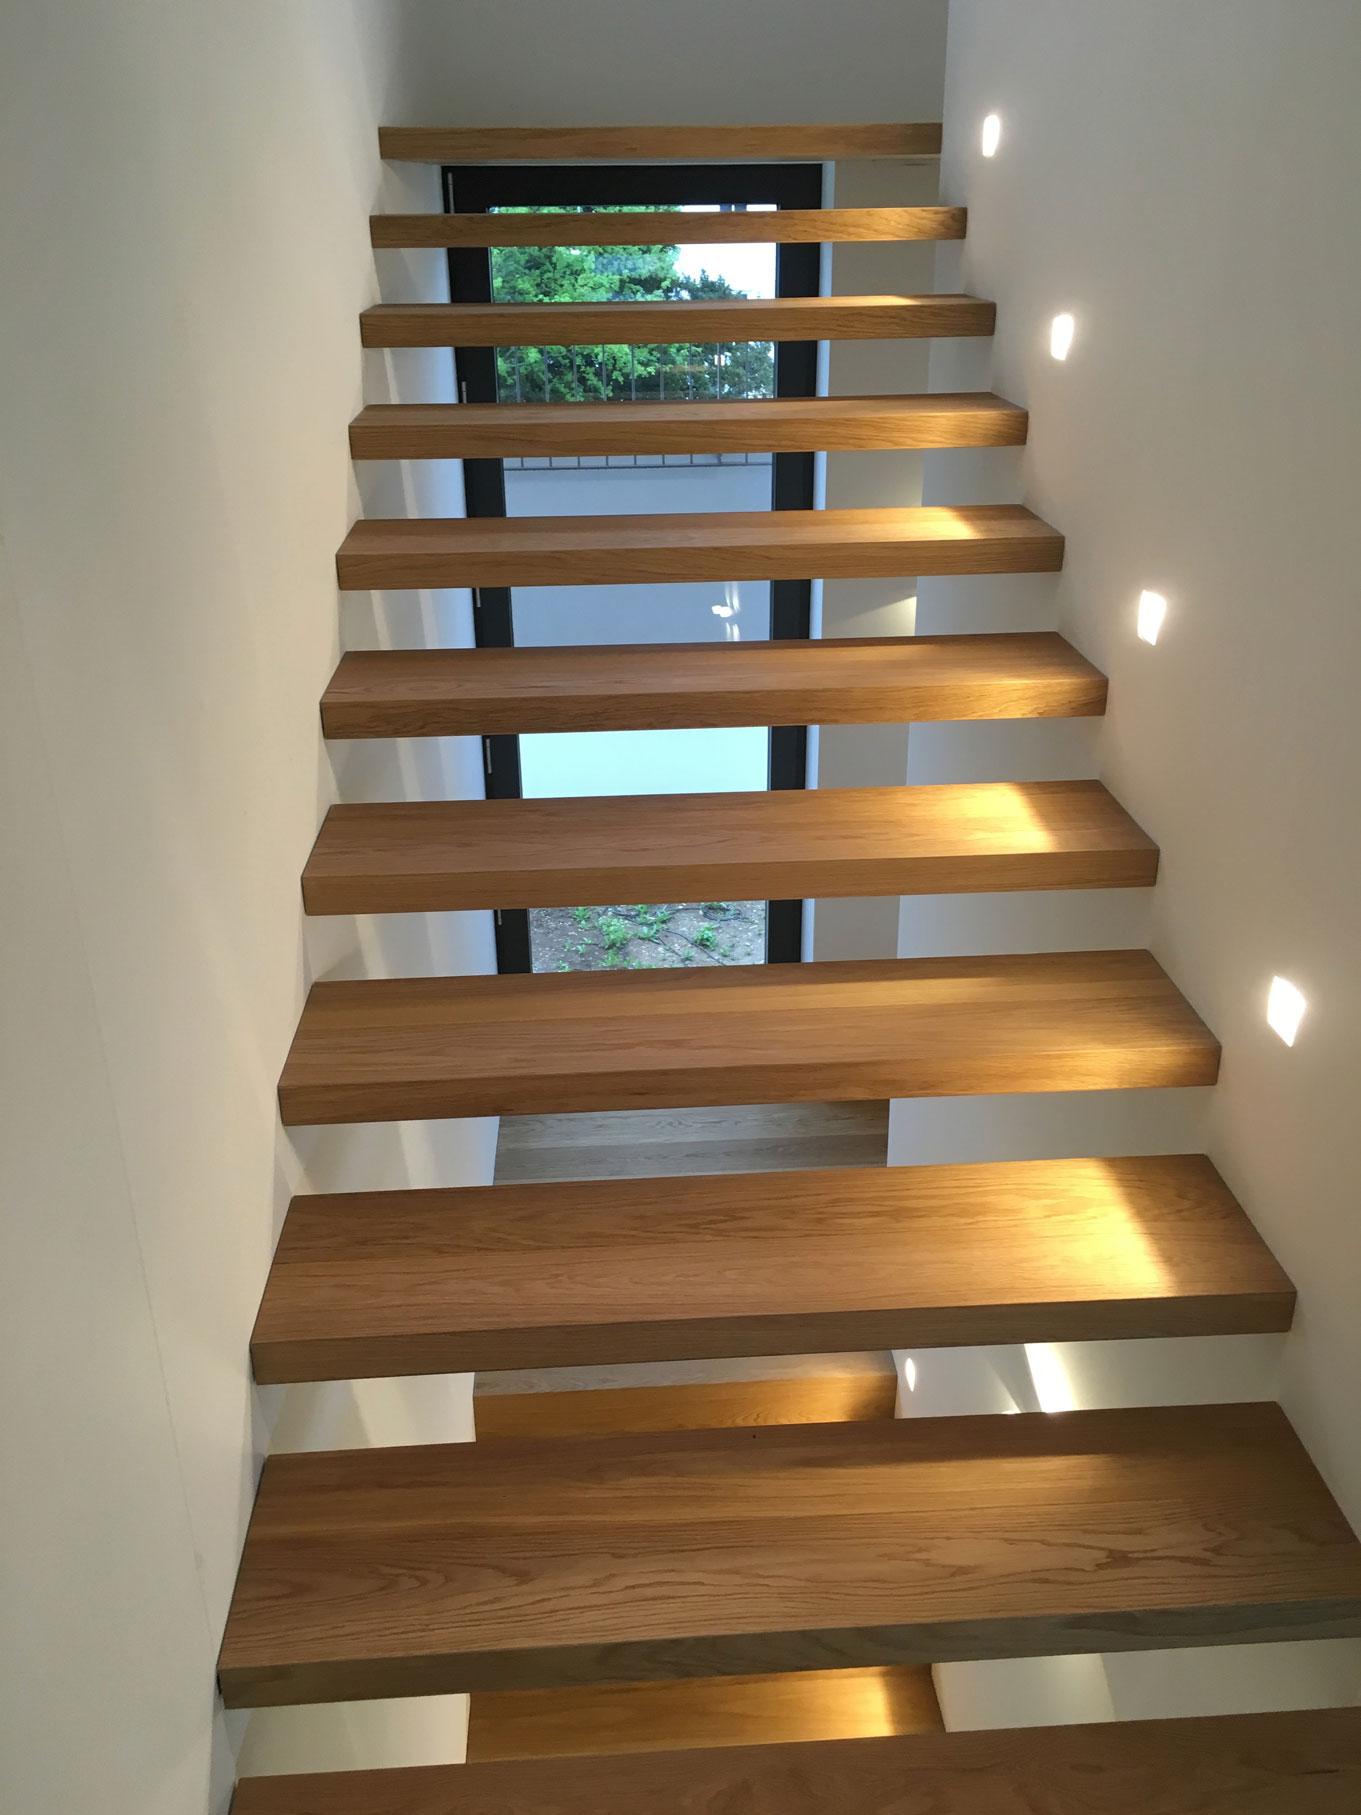 treppe abschleifen lassen kosten treppe abschleifen lassen kosten with treppe abschleifen. Black Bedroom Furniture Sets. Home Design Ideas